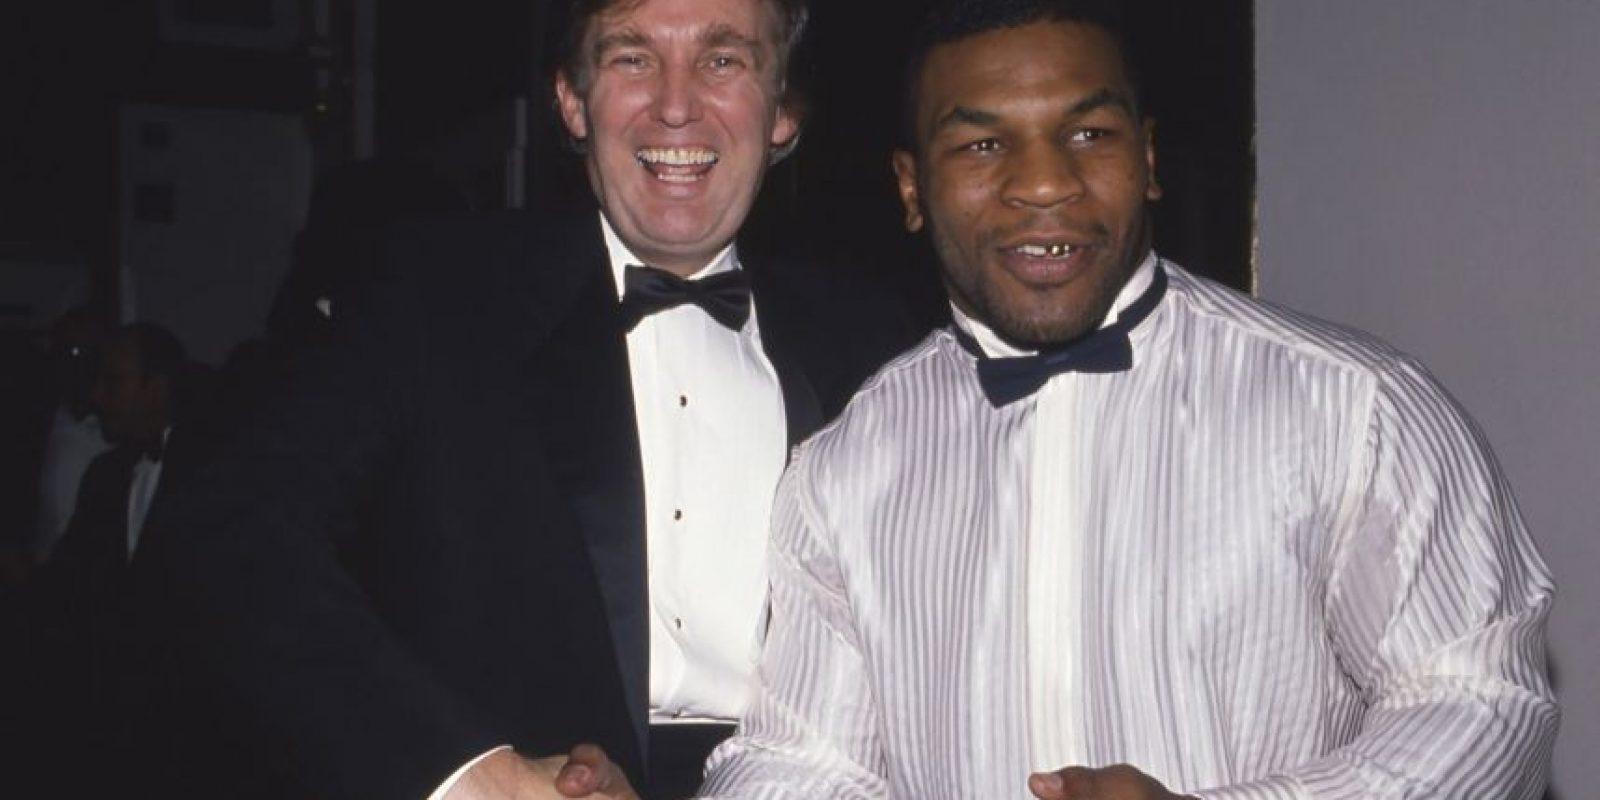 Varias son las figuras del deporte que han hecho pública su preferencia por uno de los candidatos. Mike Tyson está del lado de Donald Trump. Foto:AFP